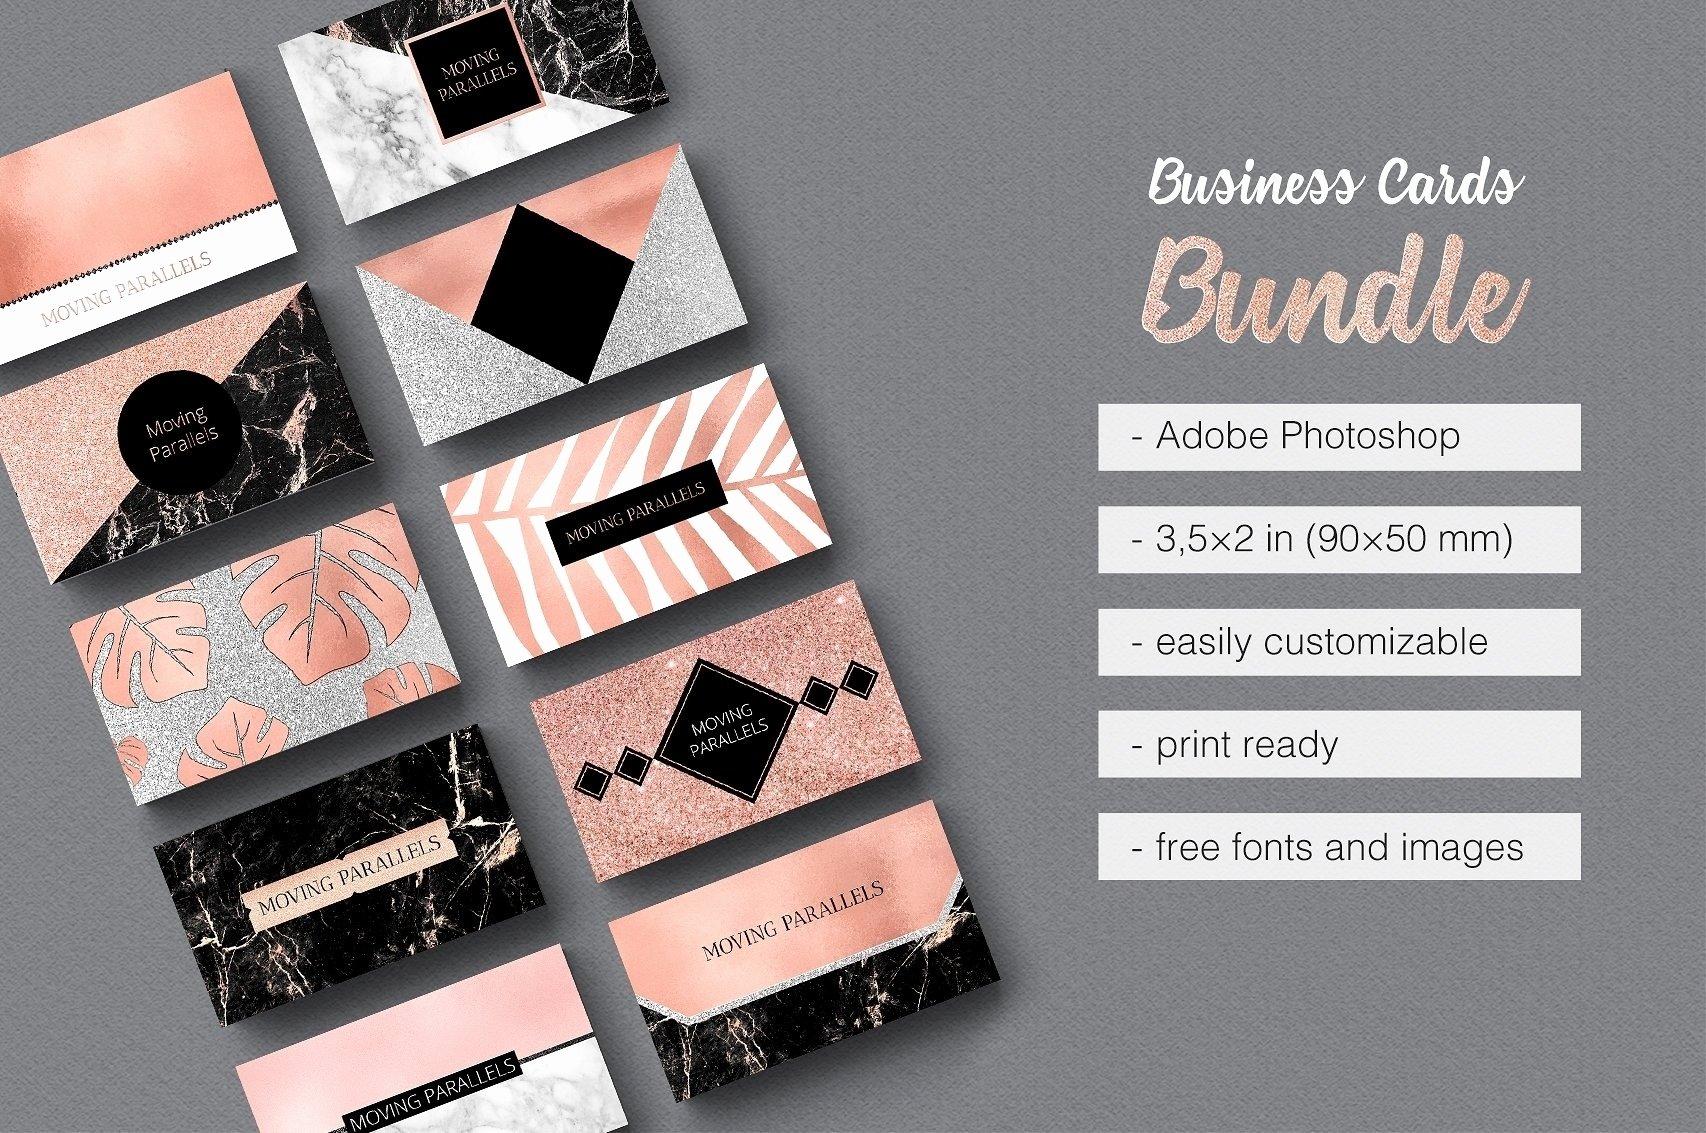 10 Great Hair Stylist Business Card Ideas hair stylist business cards luxury exceptional hair stylists cards 2020